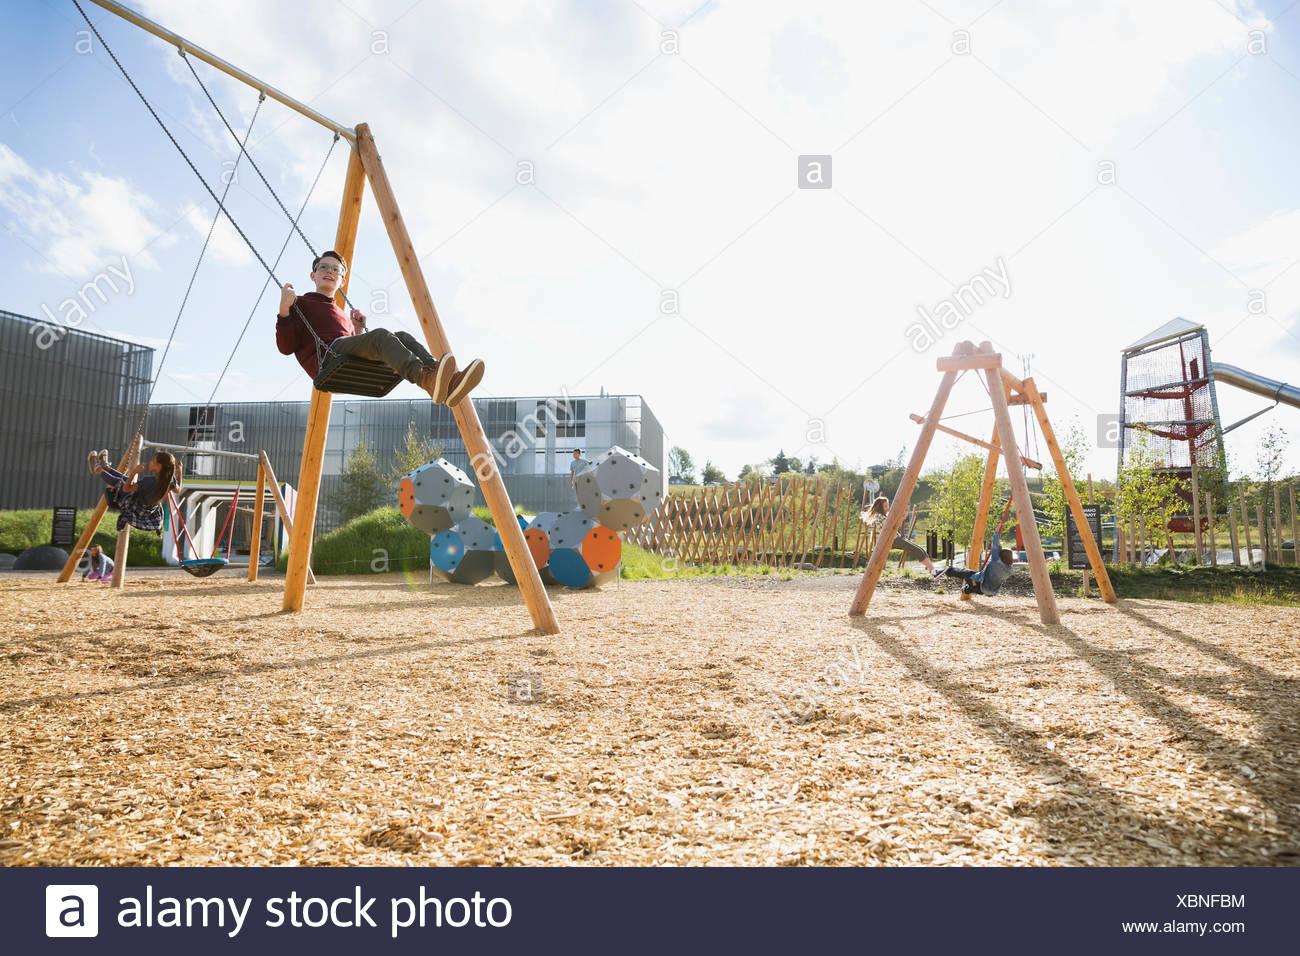 Boy swinging at sunny playground - Stock Image